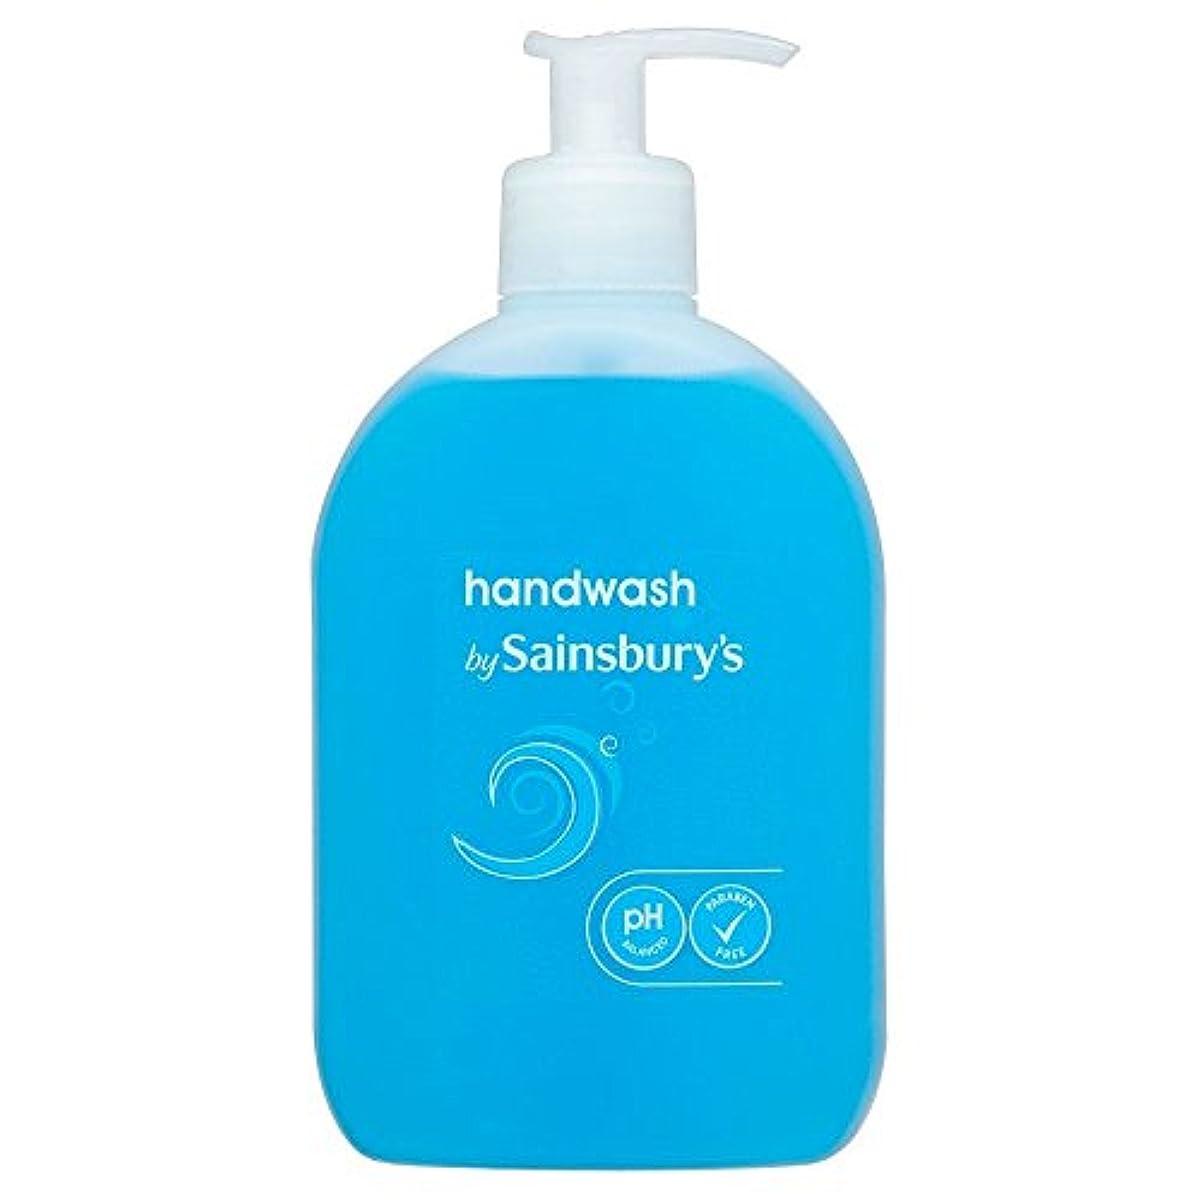 補償民兵器官Sainsbury's Handwash, Blue 500ml (Pack of 4) - (Sainsbury's) 手洗い、青500ミリリットル (x4) [並行輸入品]